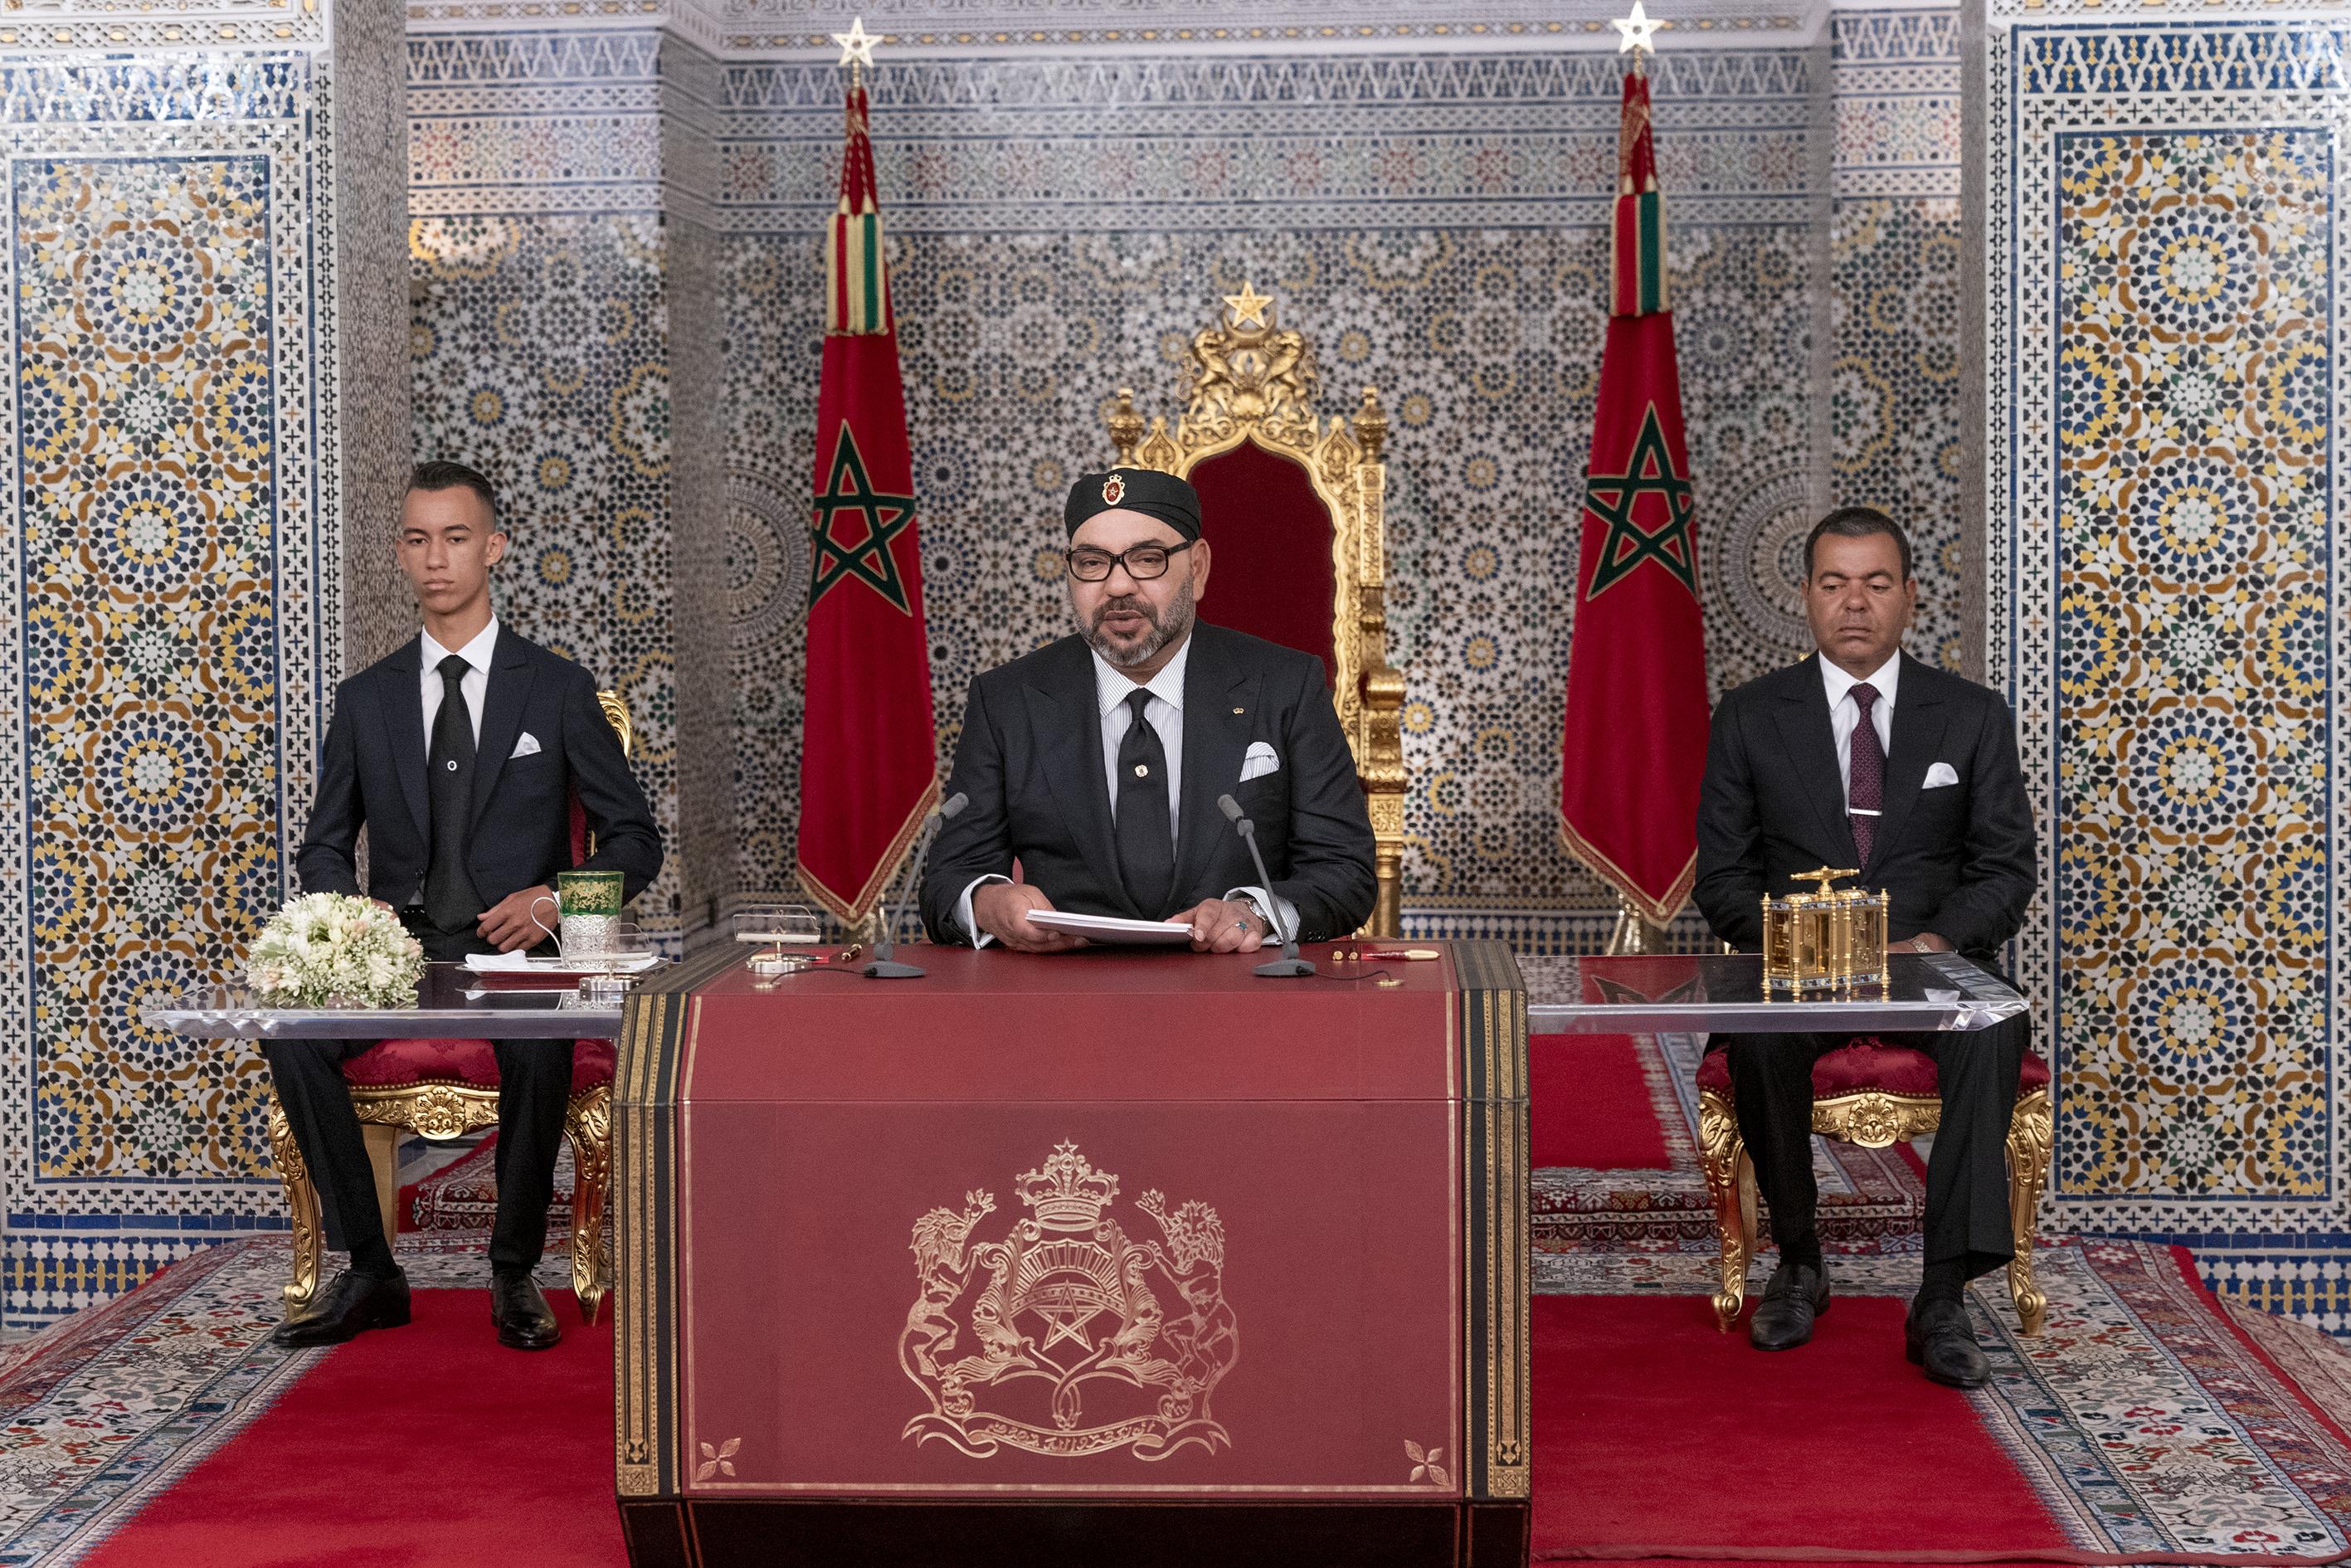 S.M le Roi : Les intérêts de la nation  et des citoyens doivent passer avant tout